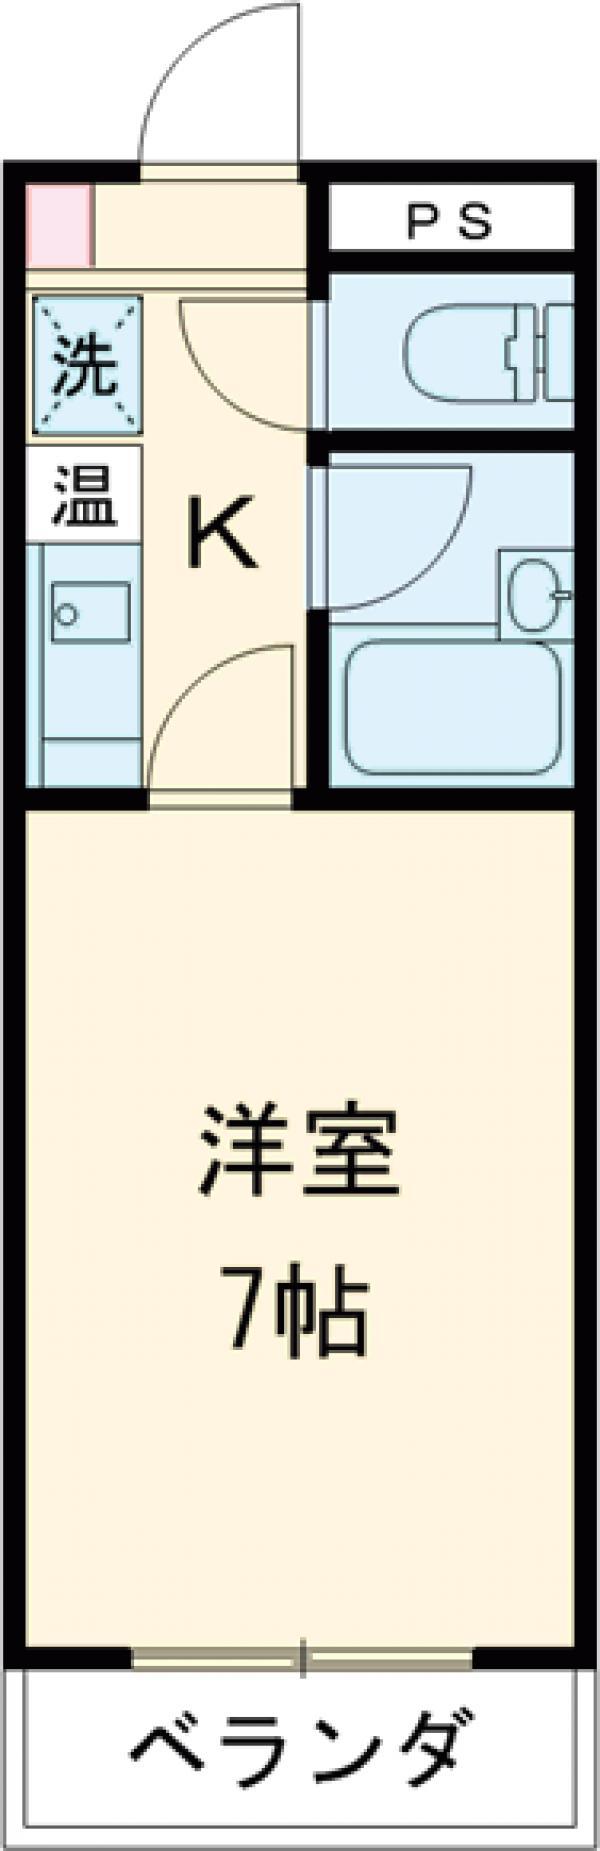 大塚堰場ハイツ・321号室の間取り